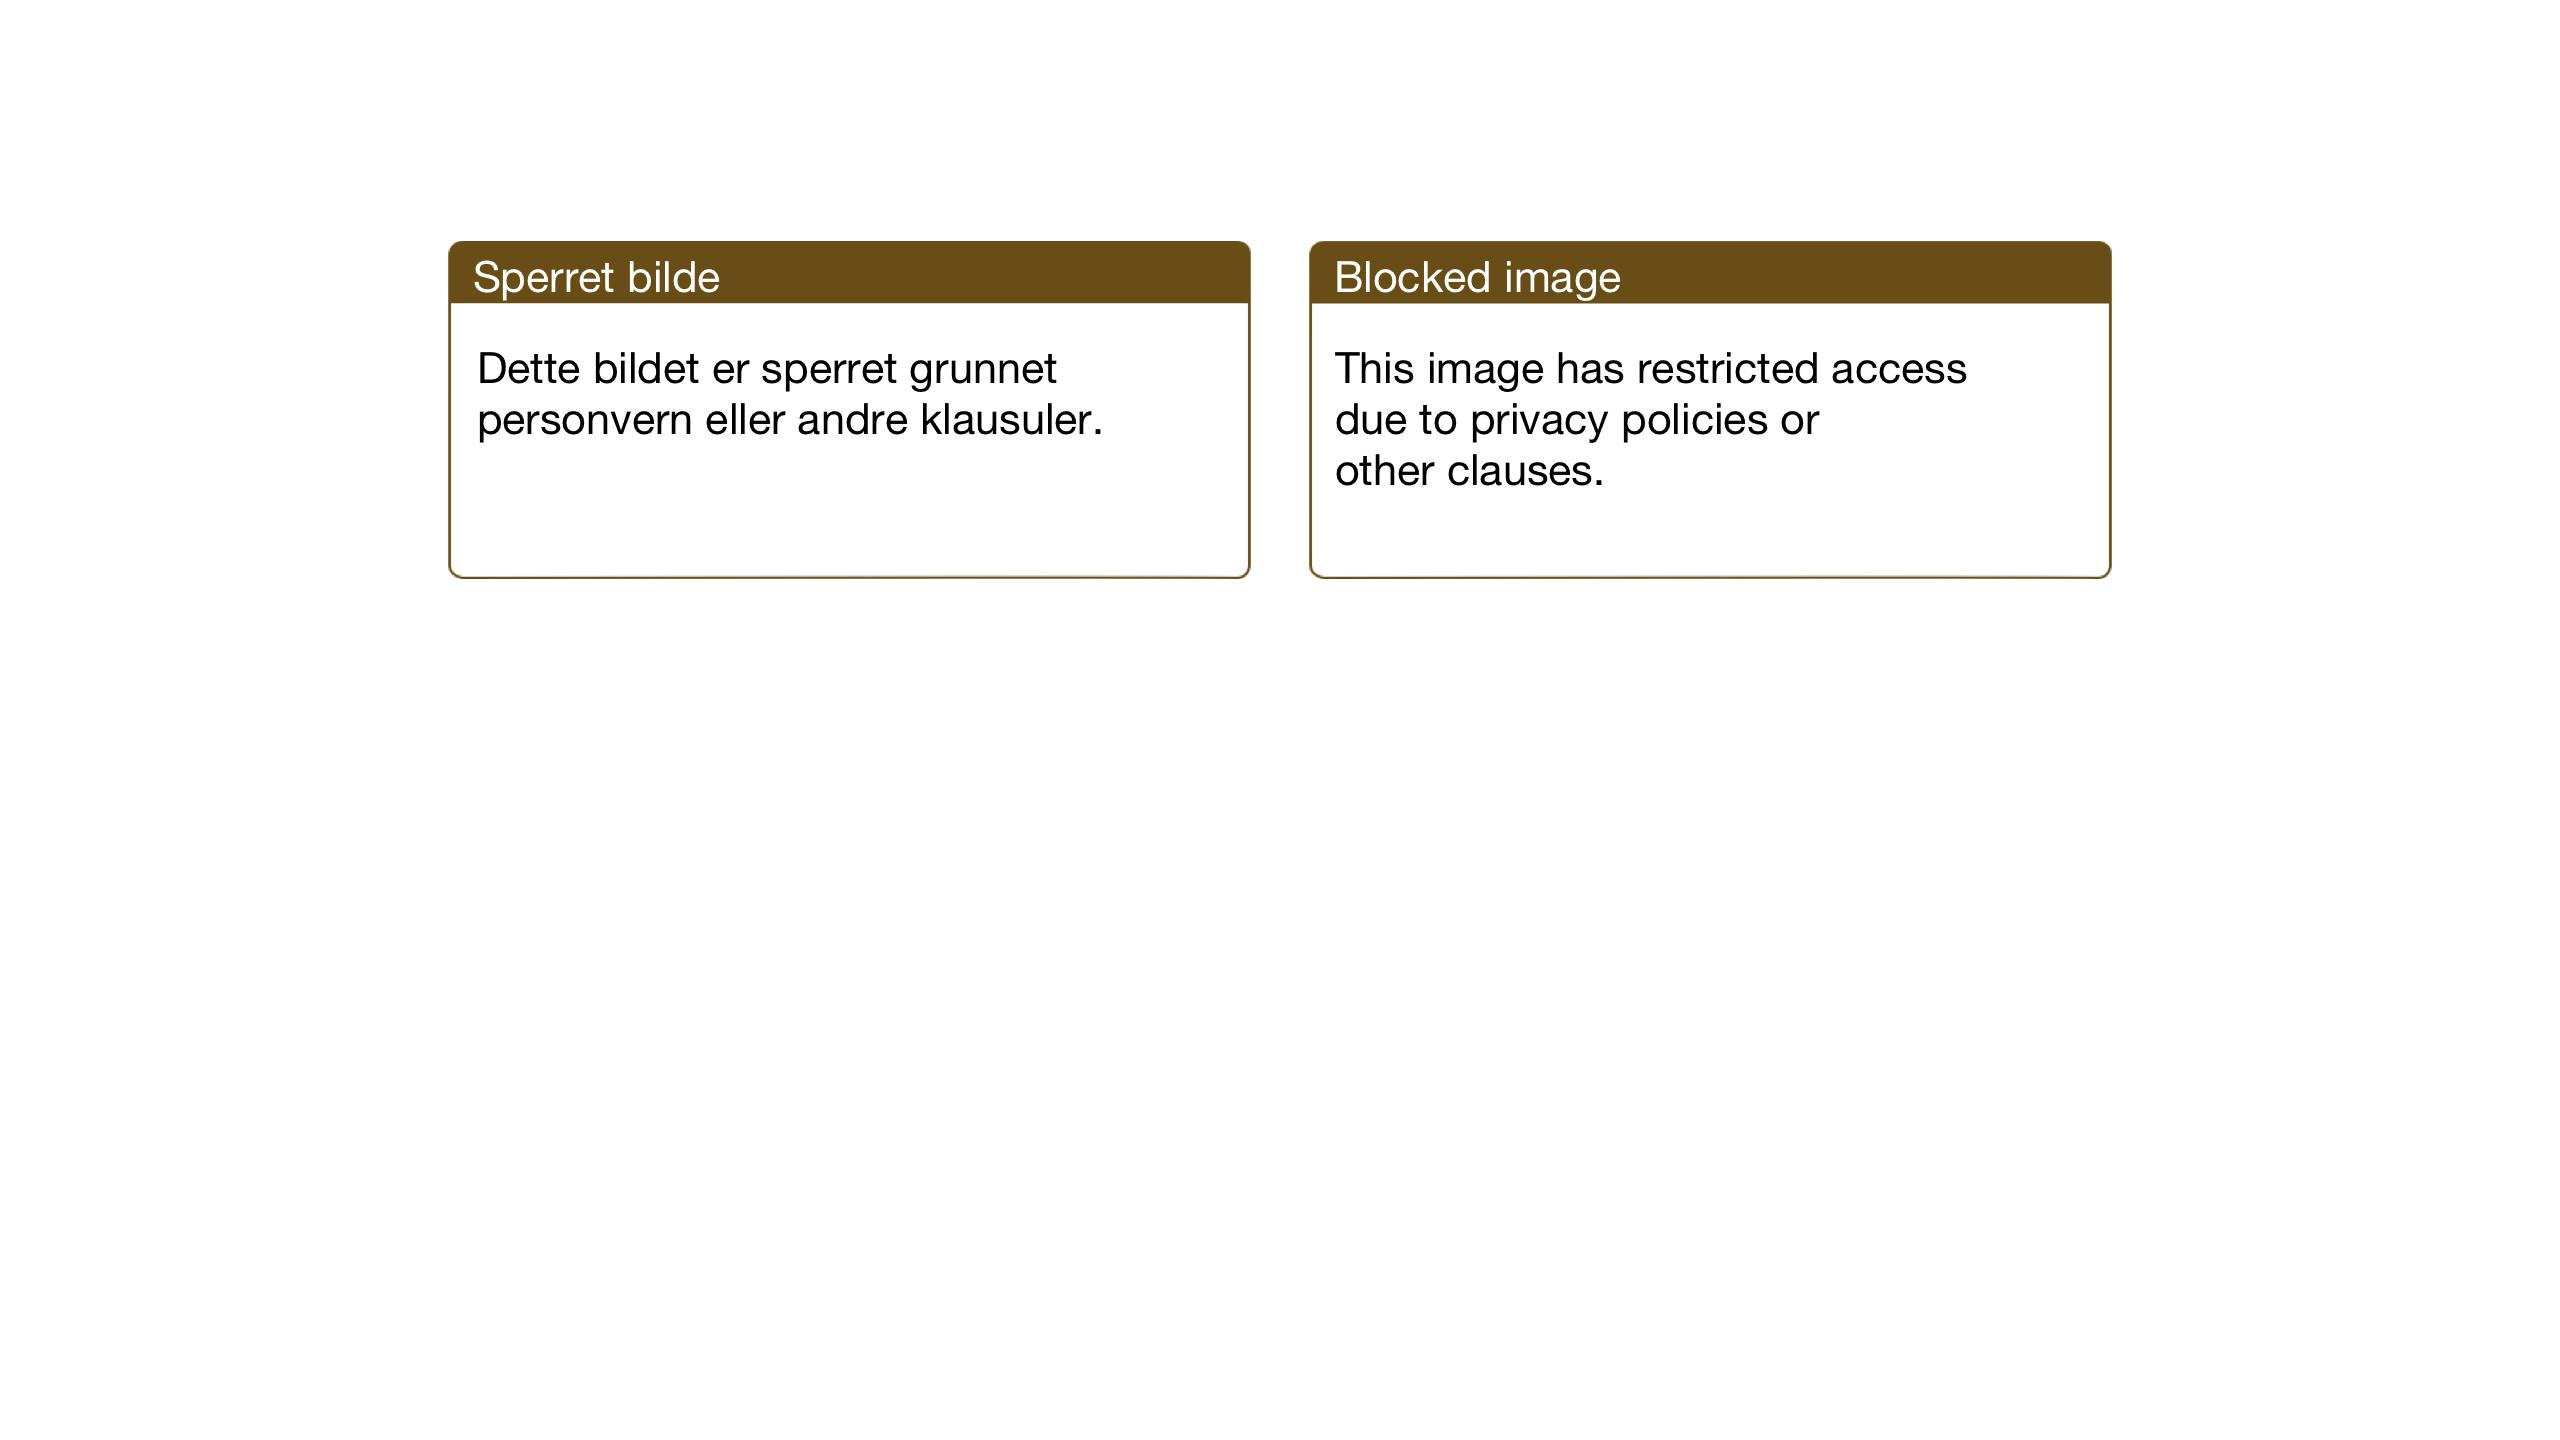 SAT, Ministerialprotokoller, klokkerbøker og fødselsregistre - Sør-Trøndelag, 681/L0944: Klokkerbok nr. 681C08, 1926-1954, s. 119